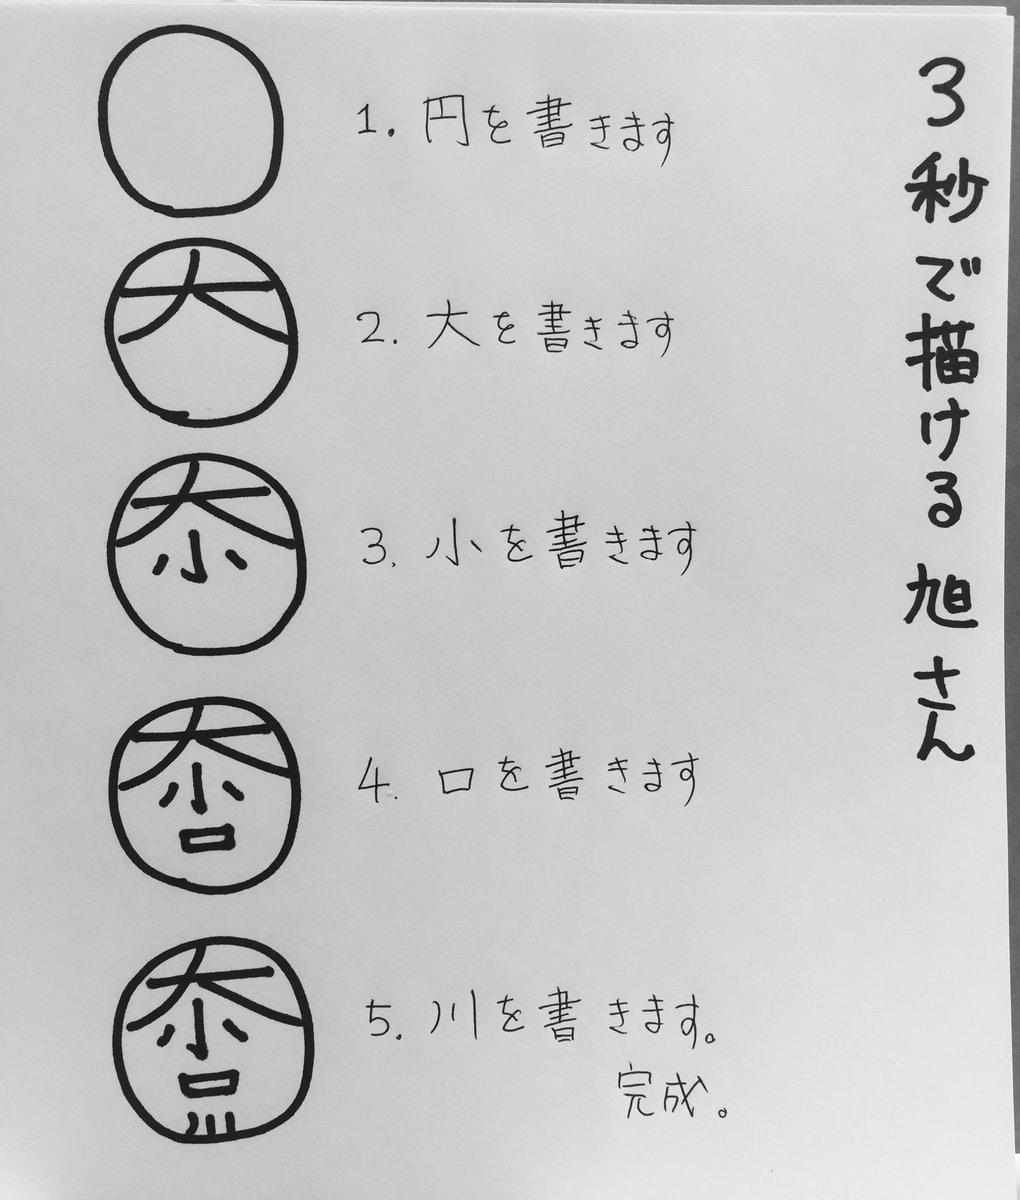 【3秒で描ける旭さん講座】 円の中に、大小口川って縦に書くだけで烏野のエースが!